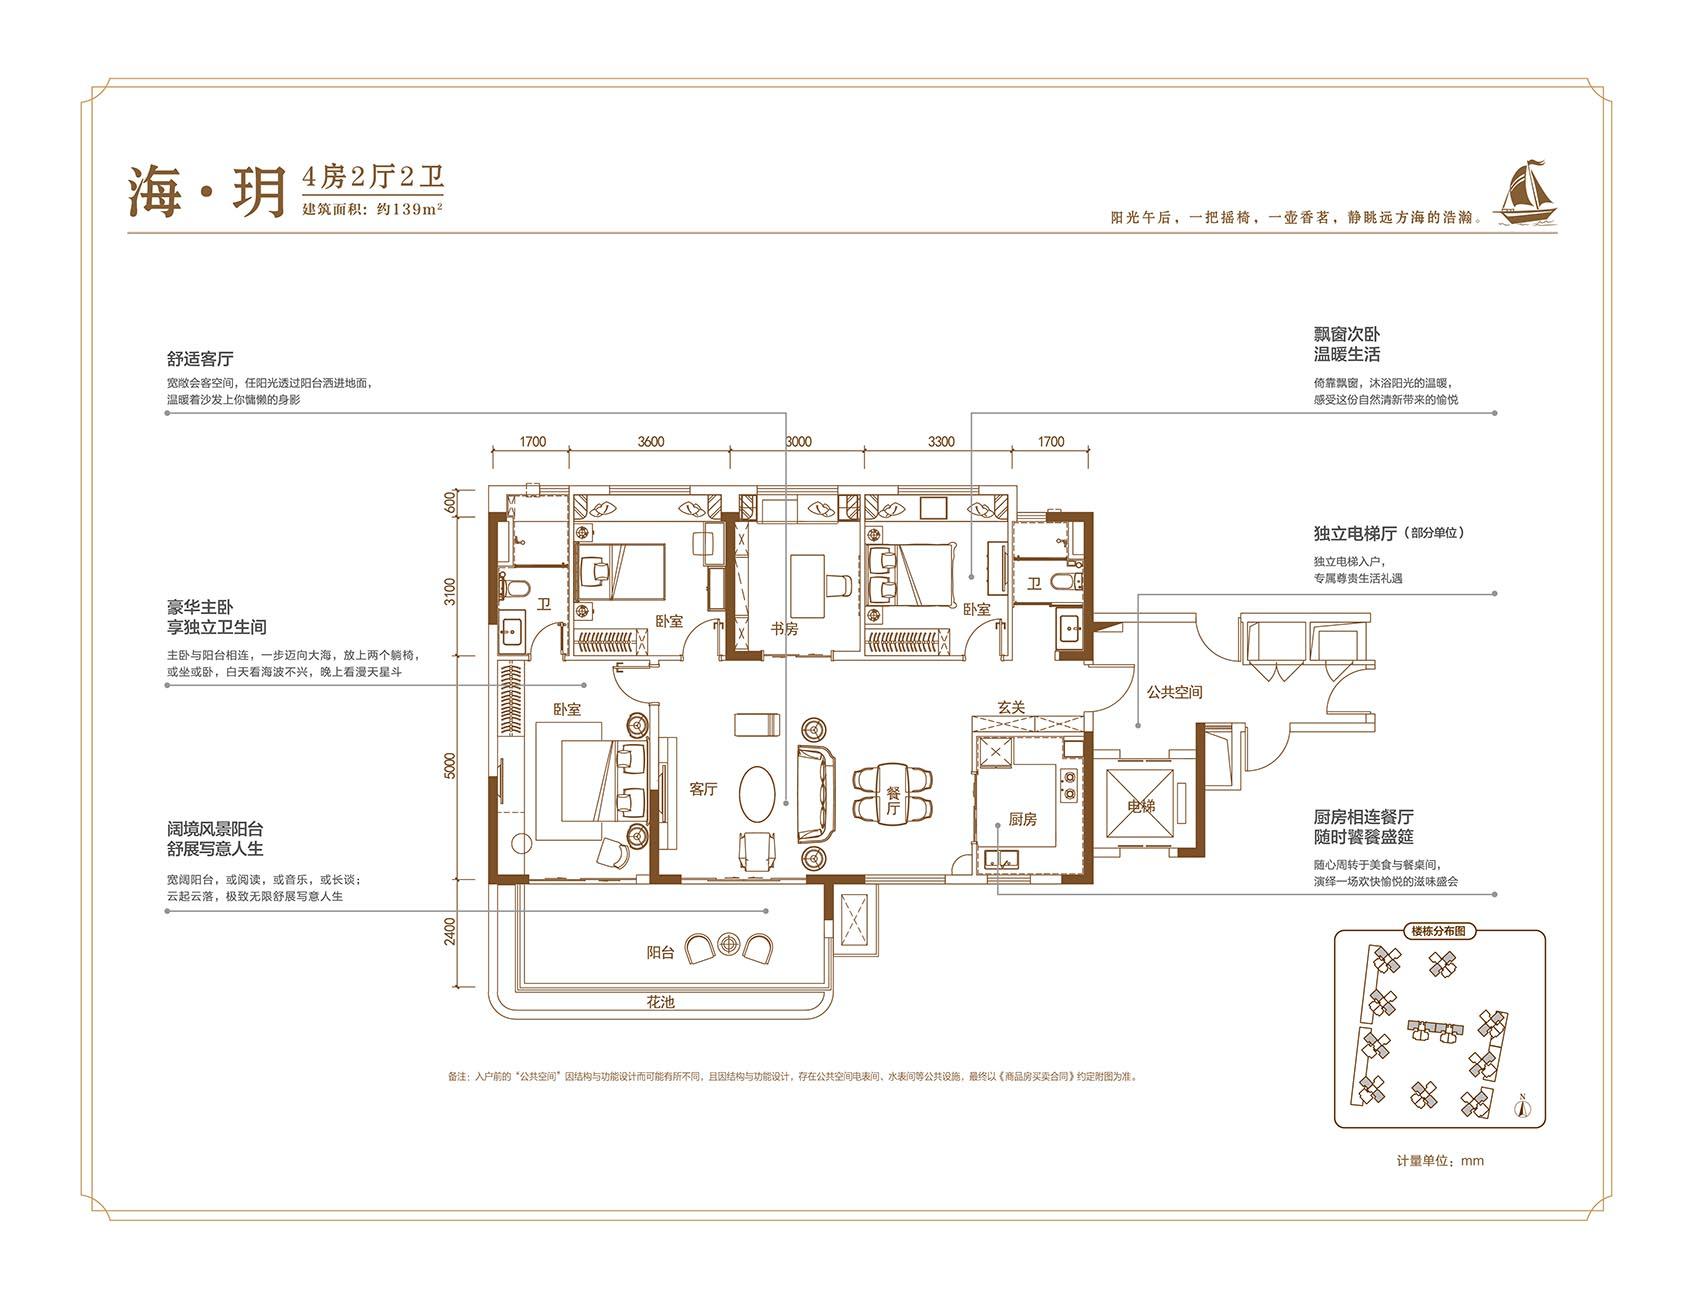 碧桂园海上大都会4室2厅2卫